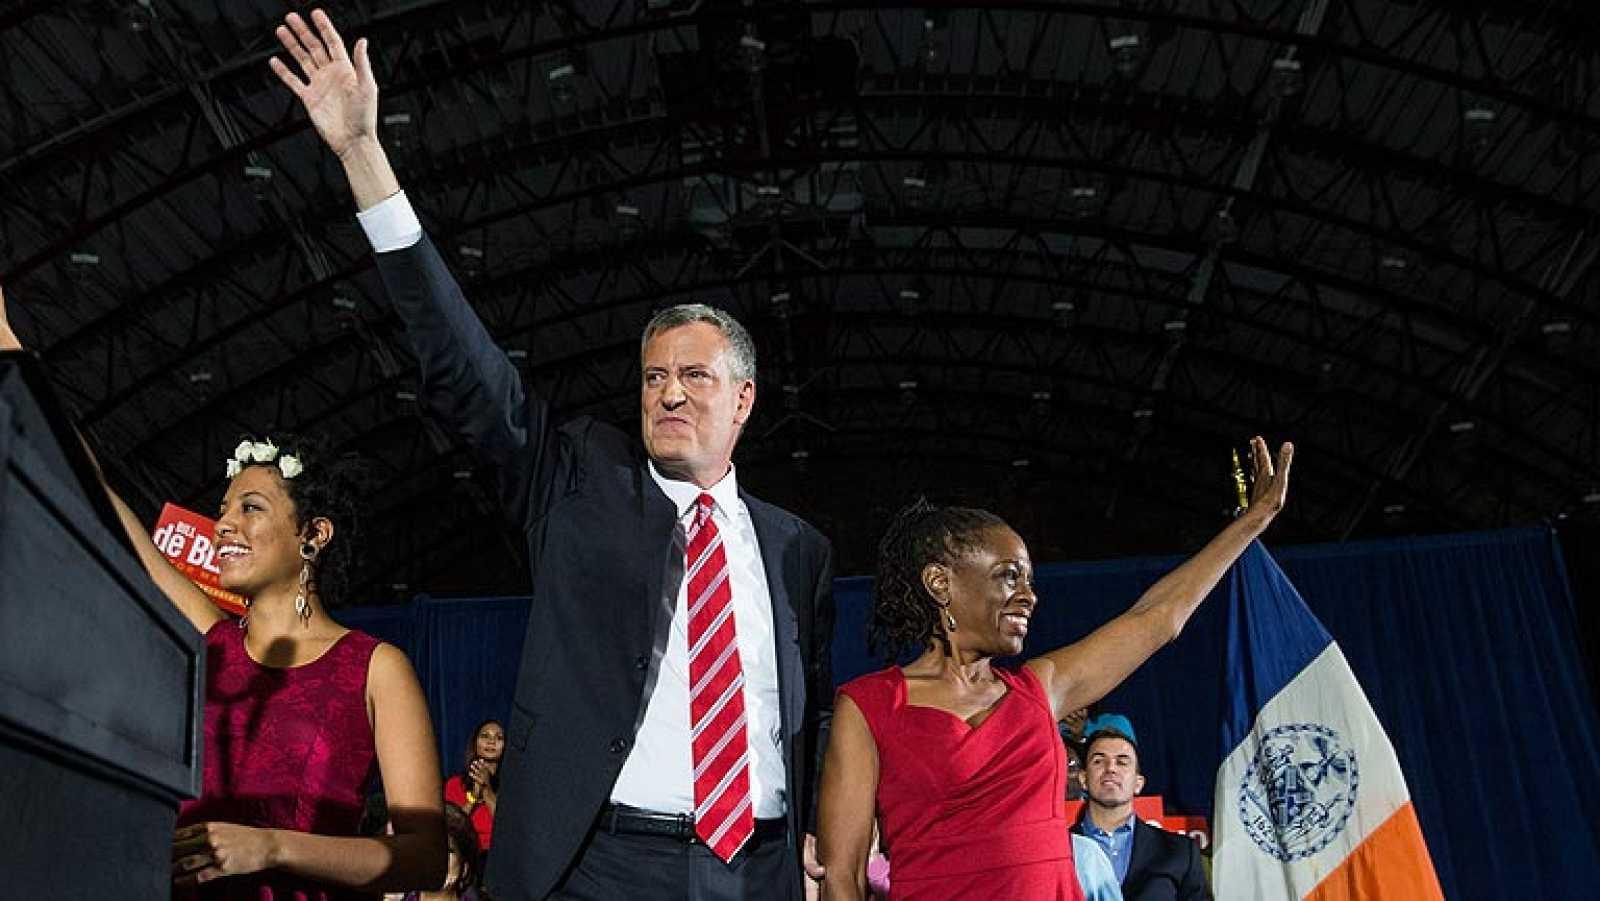 De Blasio, primer alcalde demócrata de Nueva York en veinte años